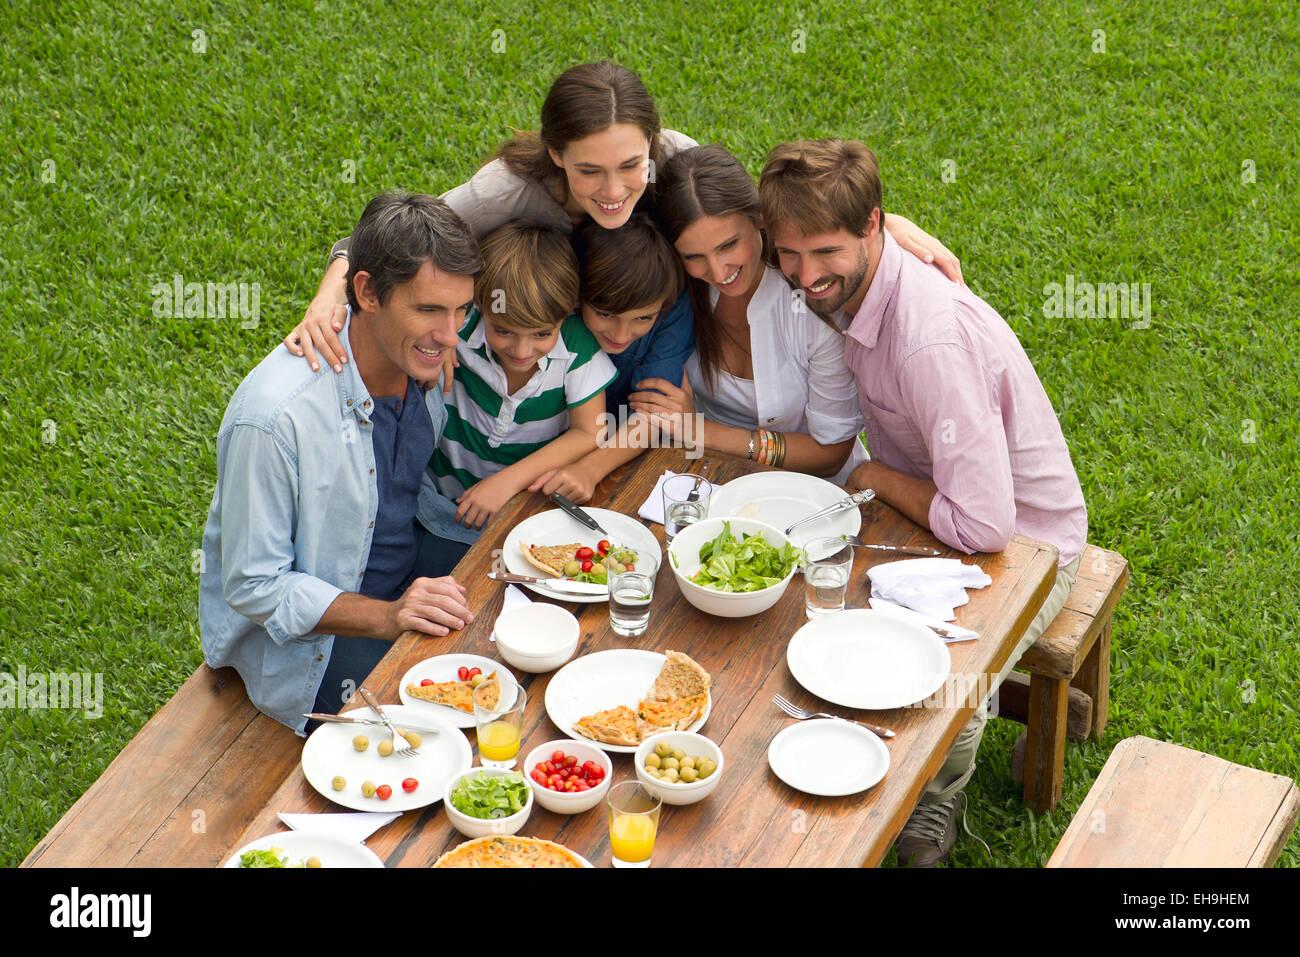 La familia y los amigos se apiñan para grupo foto picnic Imagen De Stock